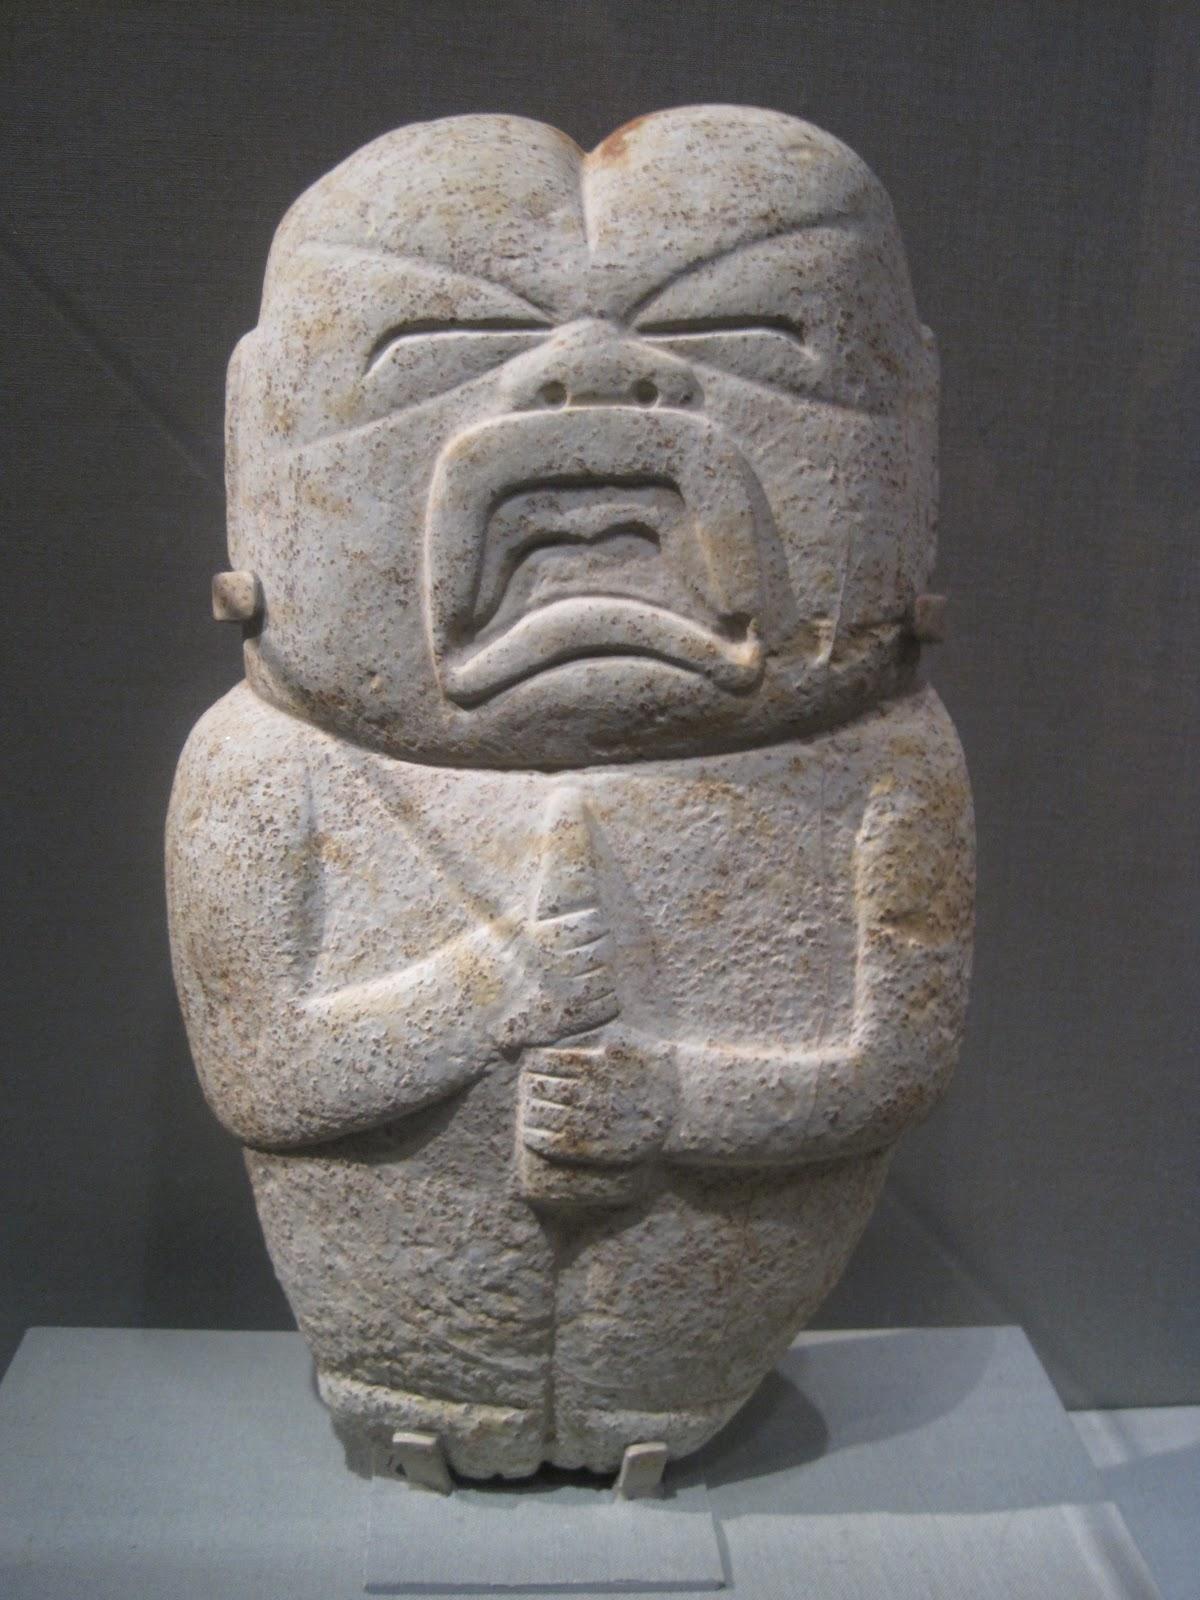 Mary Jo McConahays GlobeWatch Before the Maya